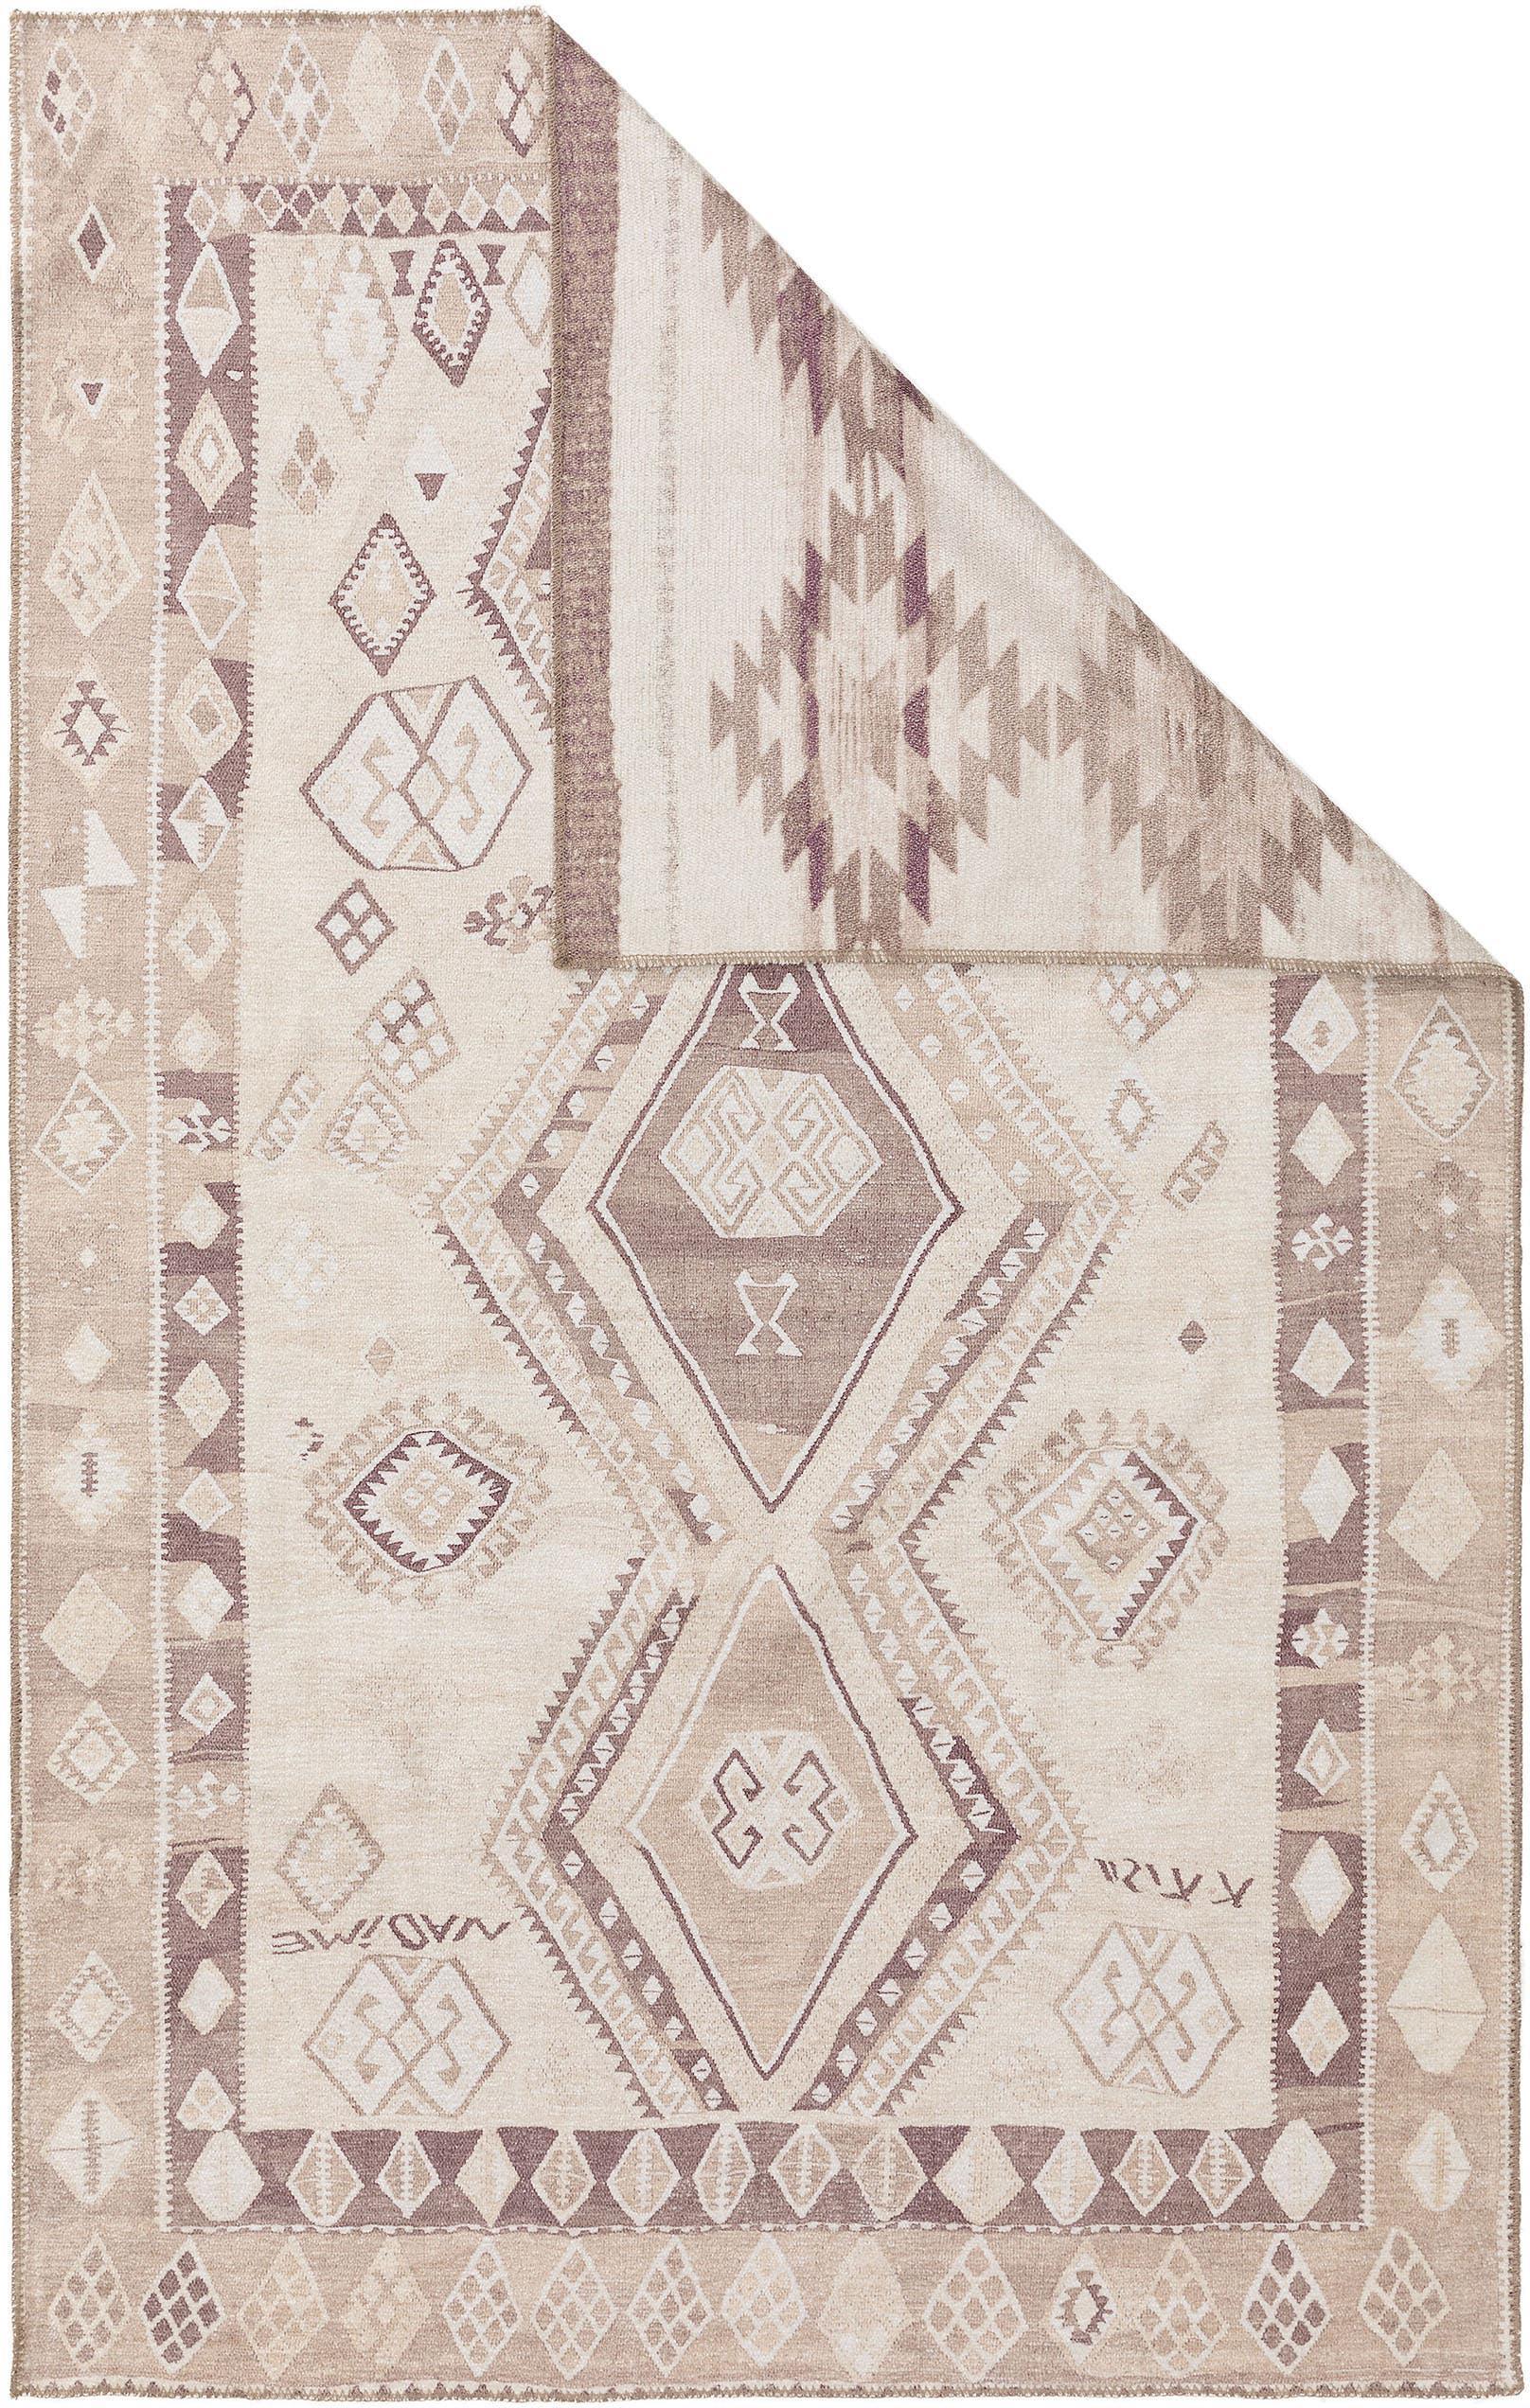 Dubbelzijdig vloerkleed Kelim Ana Aztec met ethnopatroon, 80% polyester 20% katoen, Beige, taupe, B 75 x L 150 cm (maat XS)